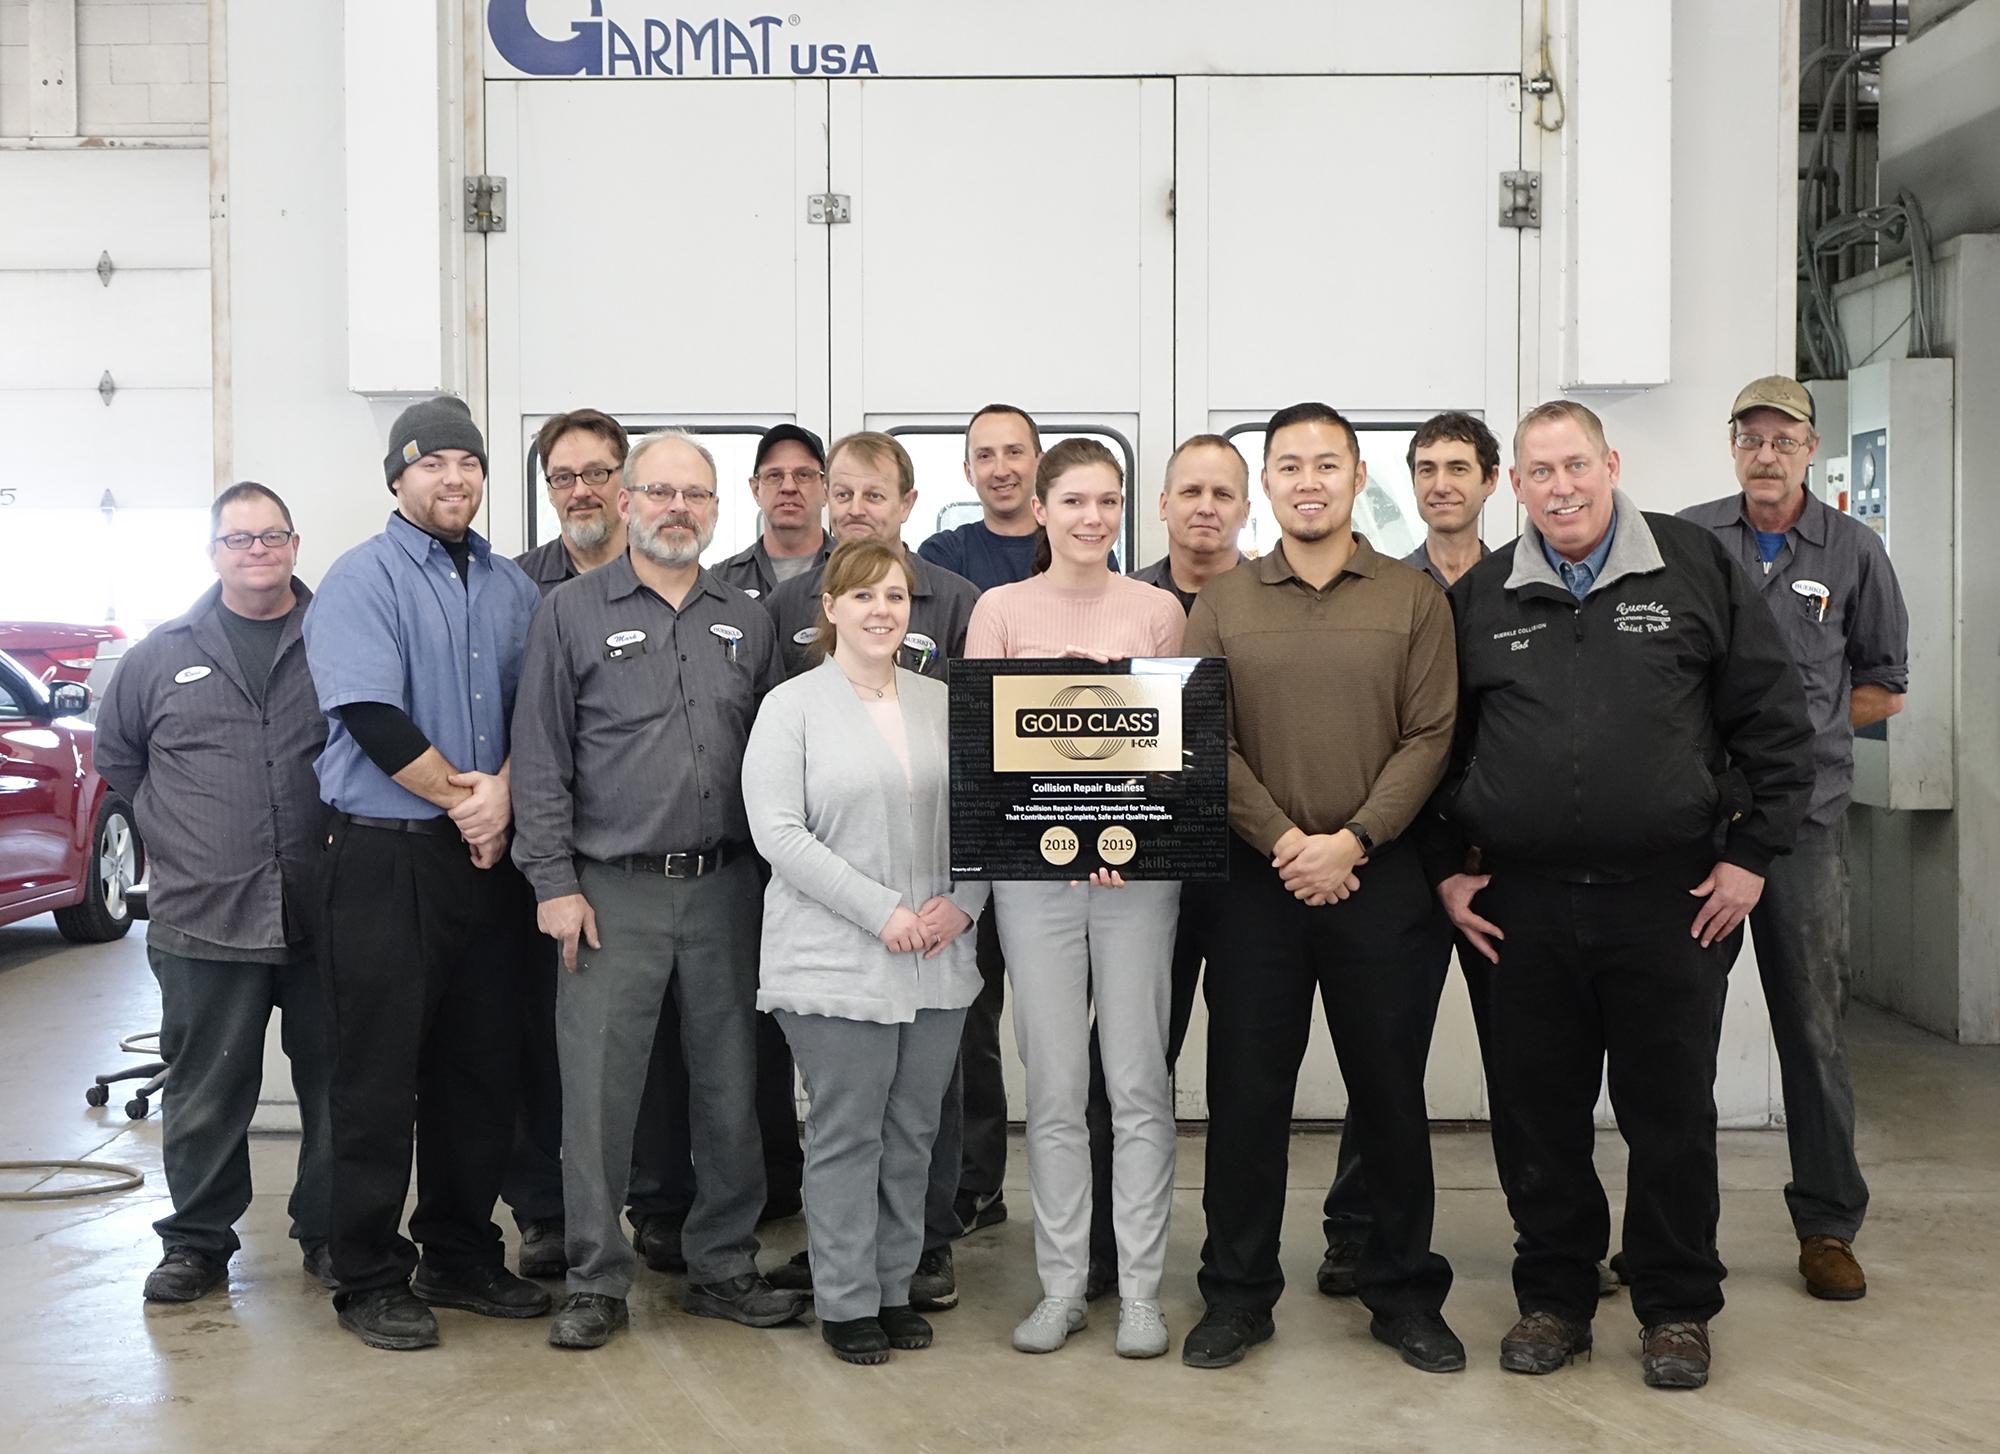 Technicians and estimators group photo